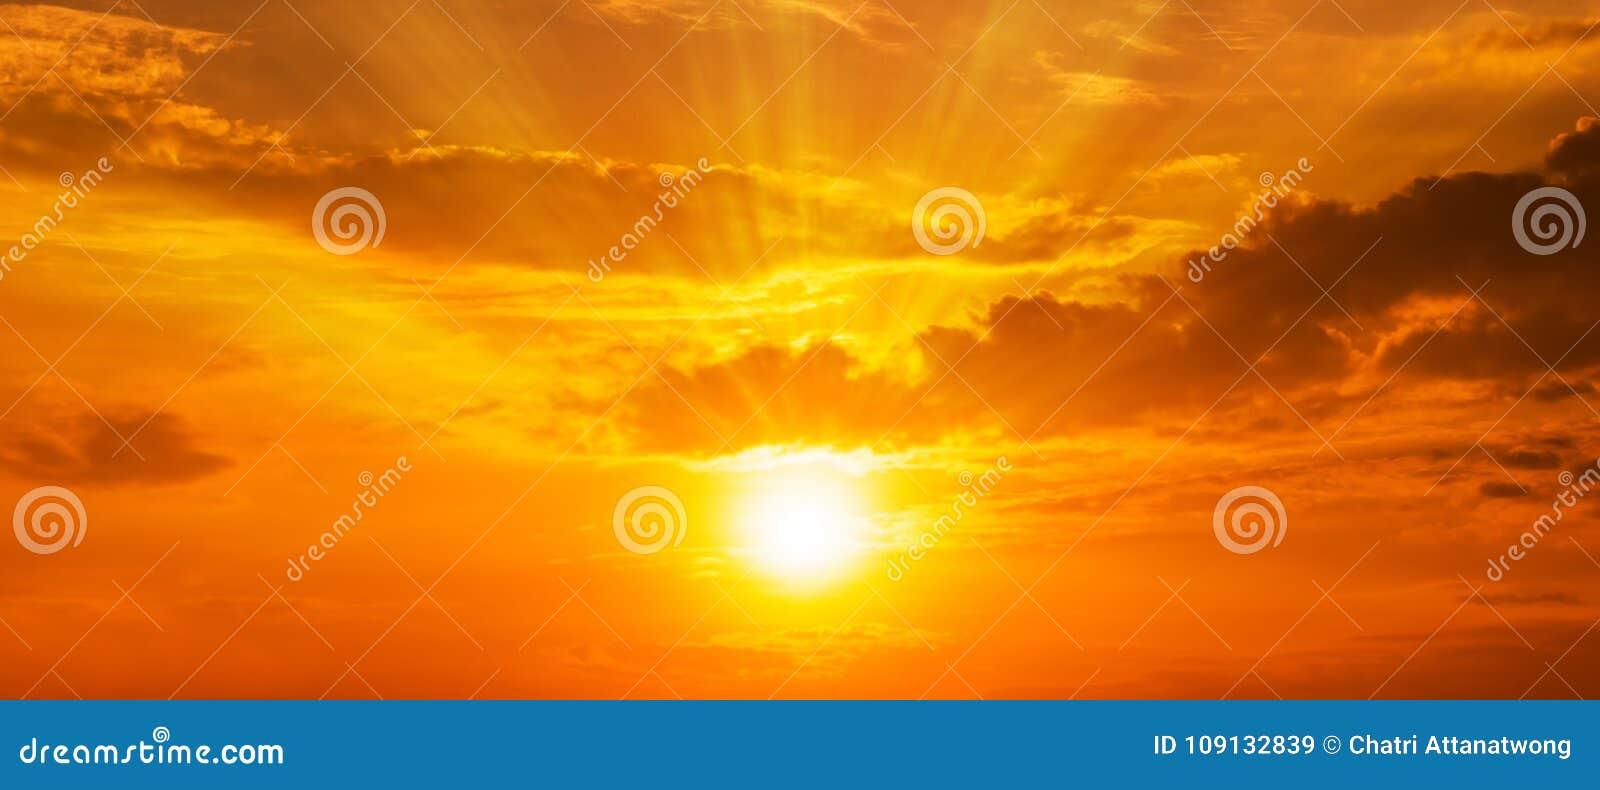 Panorama del fondo scenico di forte alba con lato positivo e la nuvola sul cielo arancio